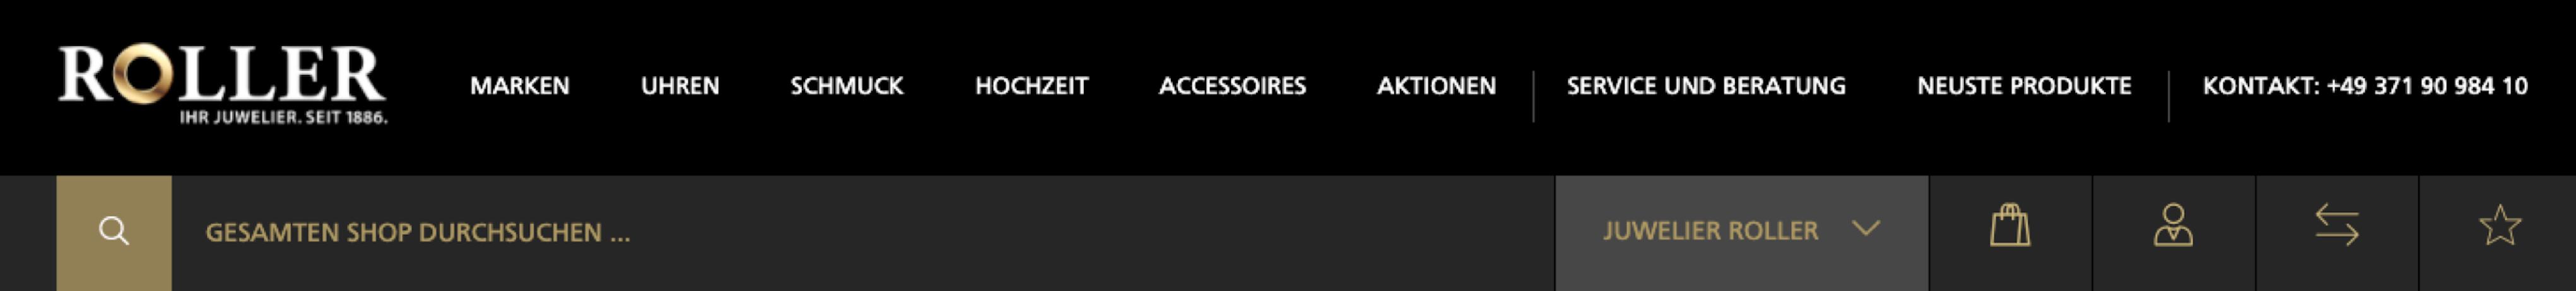 Navigation der neuen Website